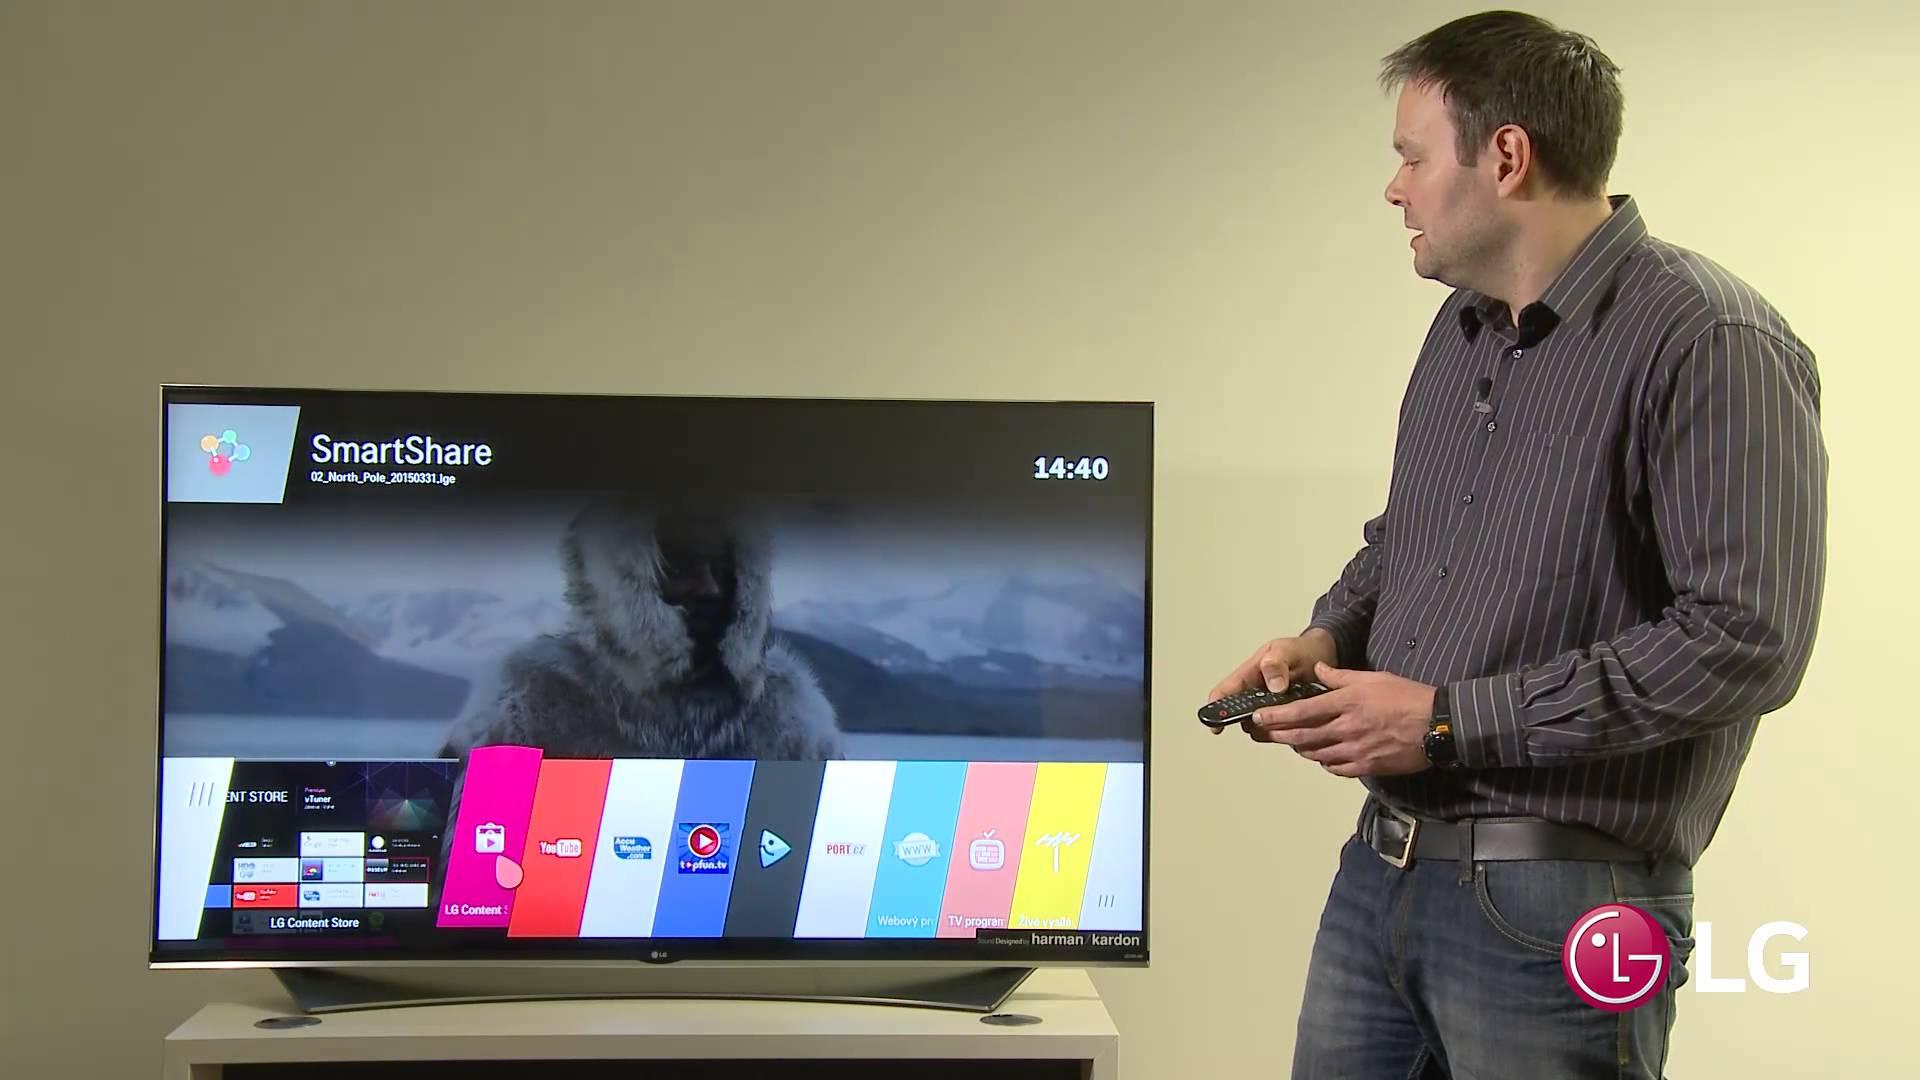 ¿Cómo conecto internet a mi Smart TV LG?